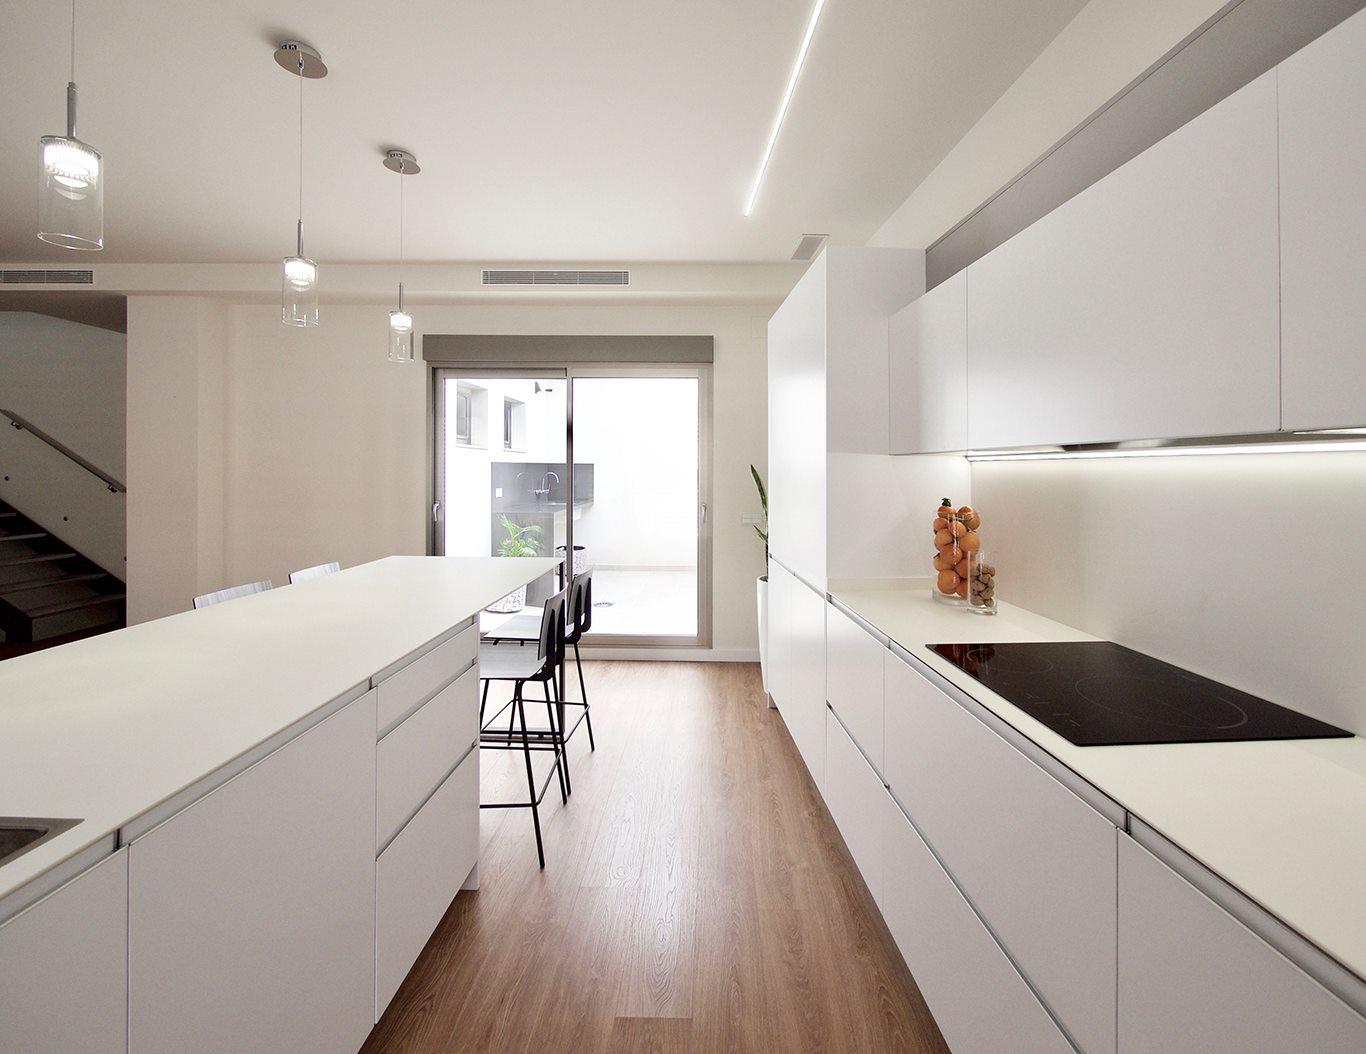 Pasillo de cocina entre isla y frente de muebles bajos y columnas. Color blanco